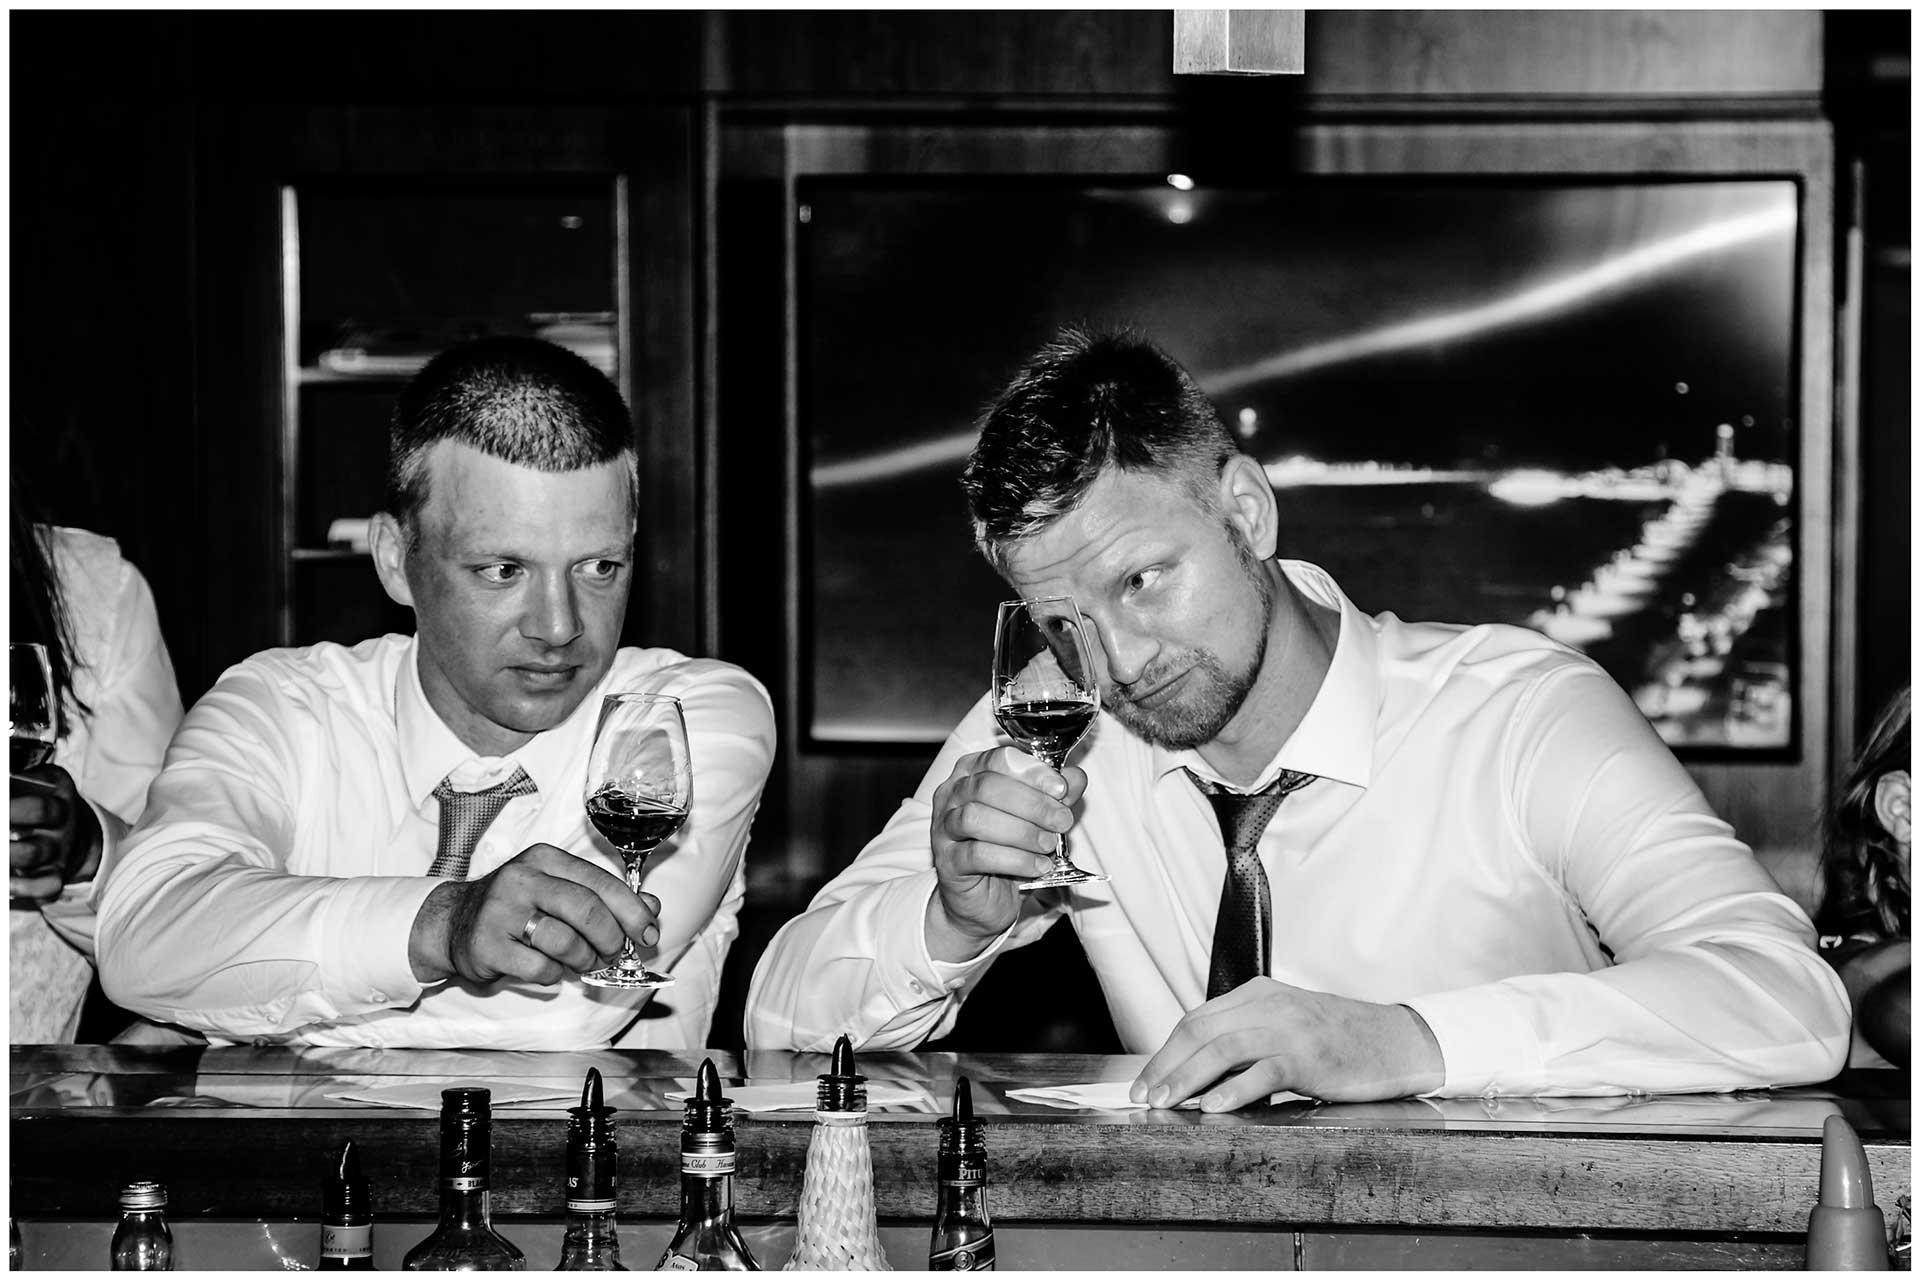 zwei-Hochzeitsgaeste-schauen-auf-ihr-Whiskey-Glas-Hochzeit-im-Hotel-Neptun-Hochzeitsfotograf-Warnemuende-Hochzeitsfotograf-Rostock-Hochzeitsfotograf-Ostseebad-Warnemuende